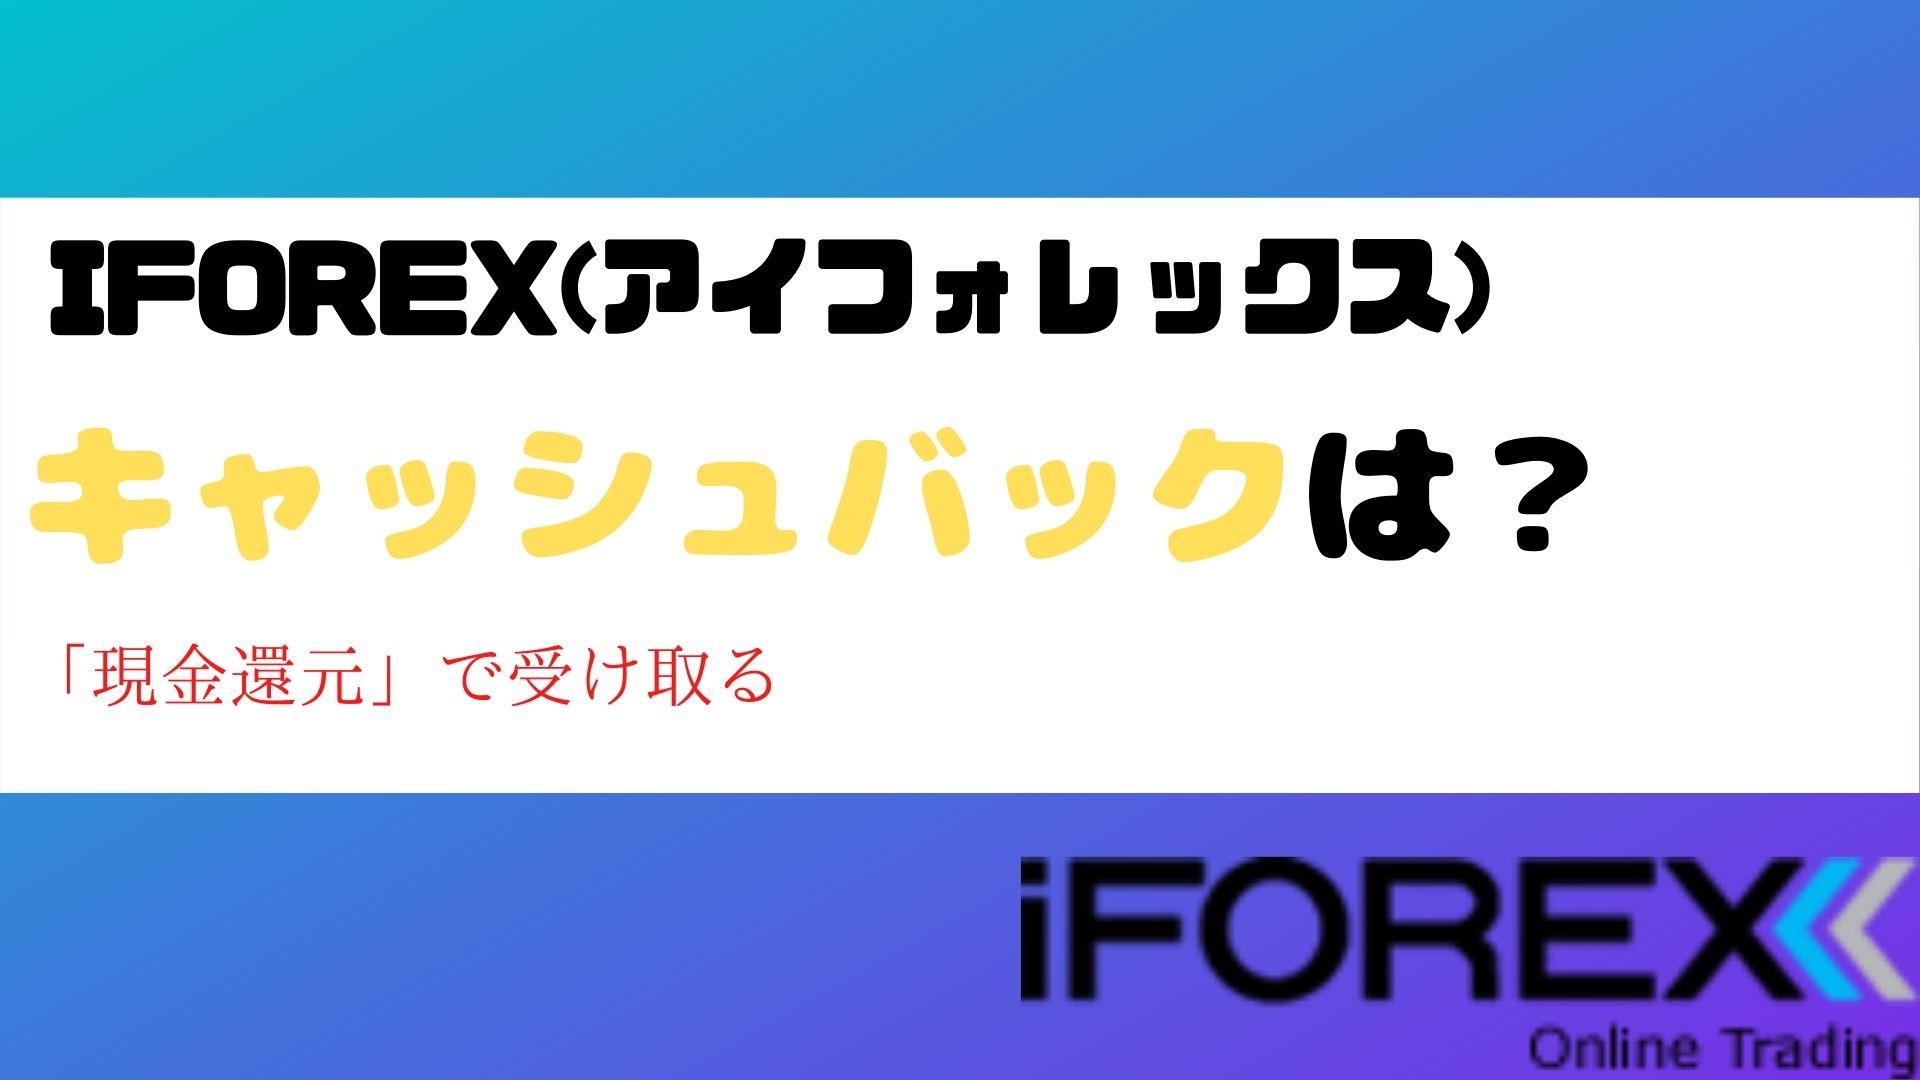 iforex-cashback-title